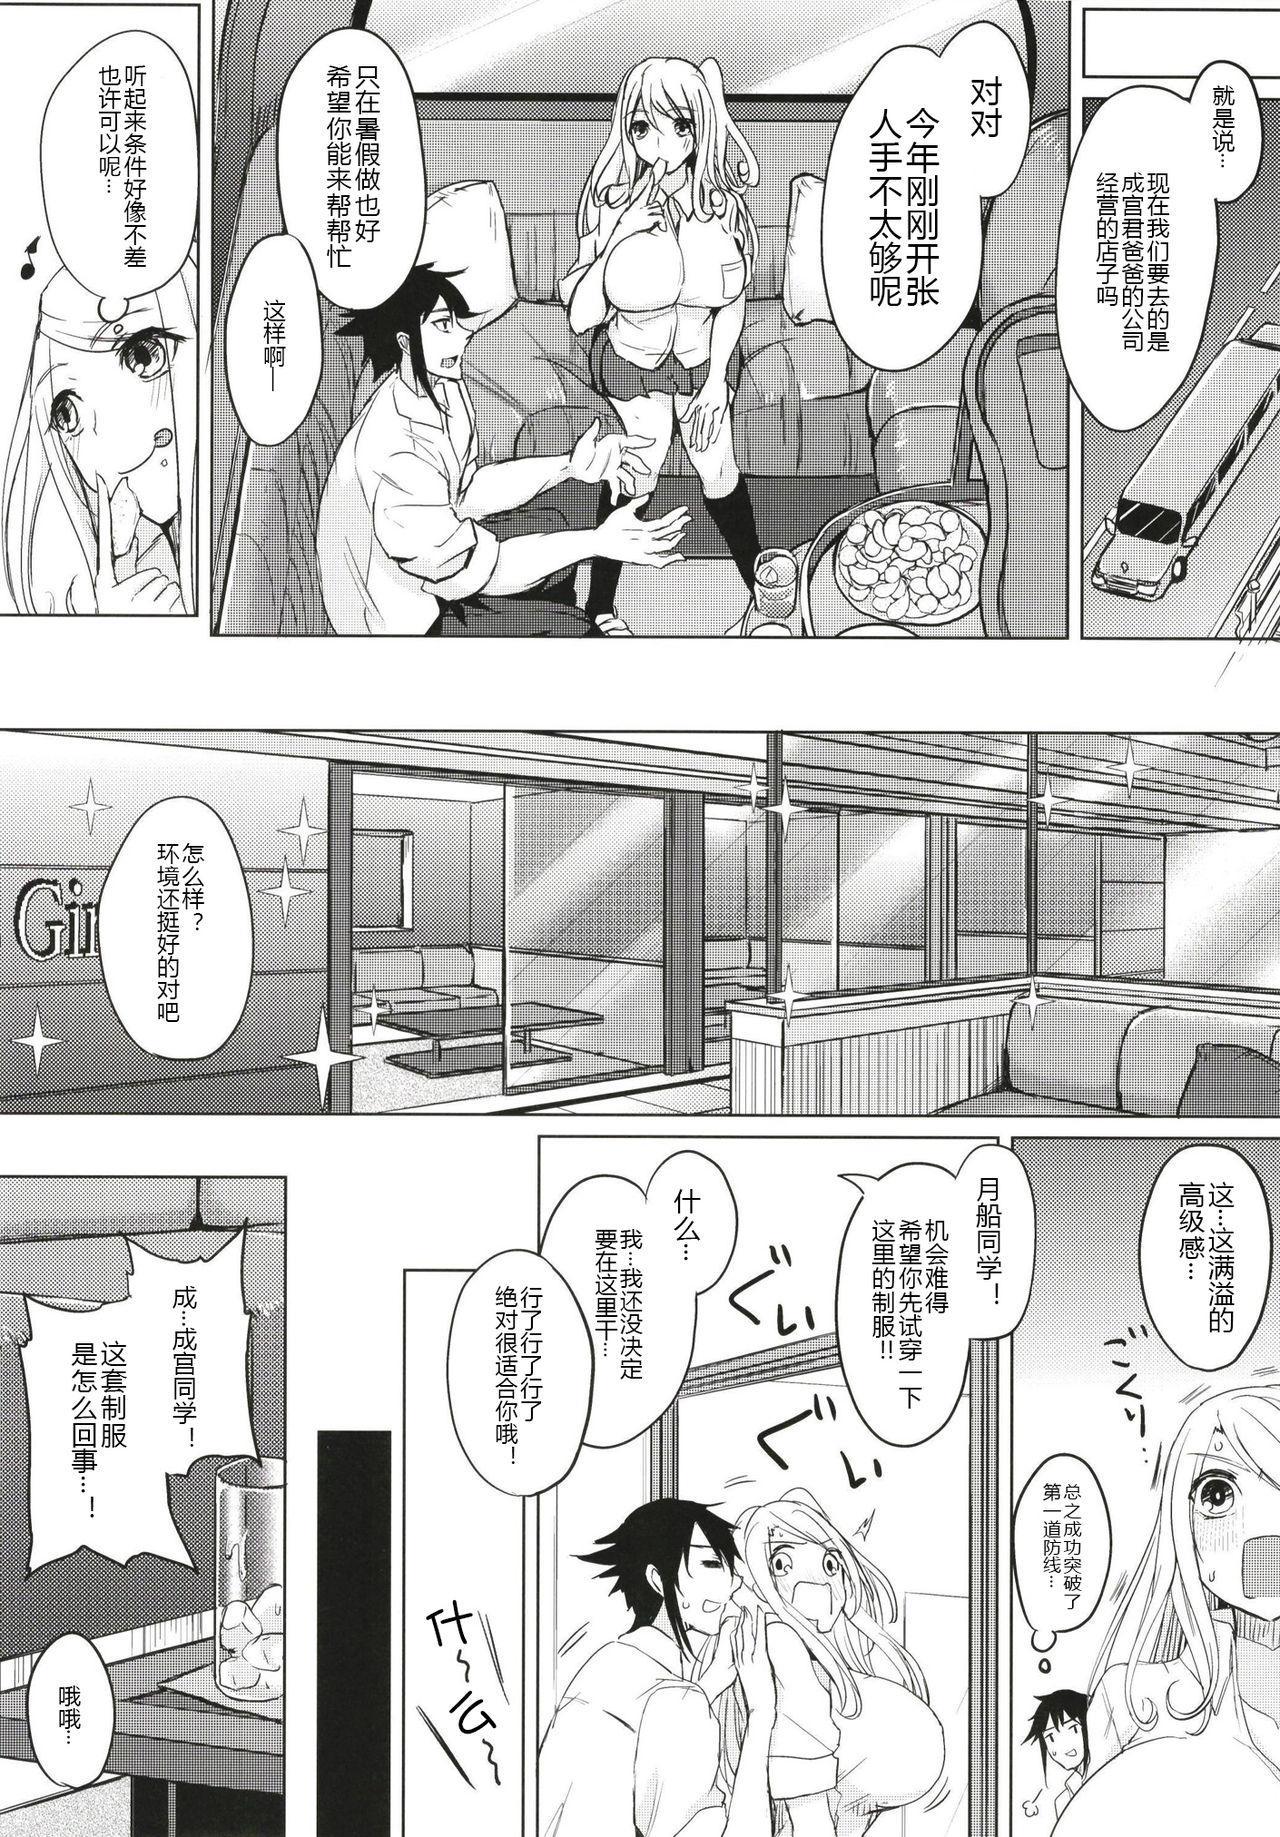 Kusuri mo Sugireba Chichi to Naru 7